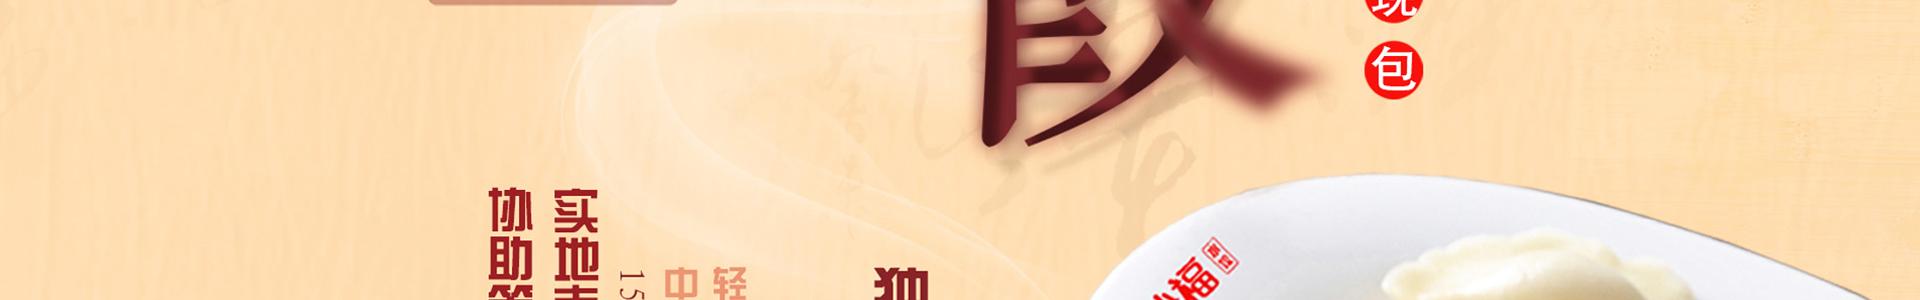 喜妙福水餃xmf_04